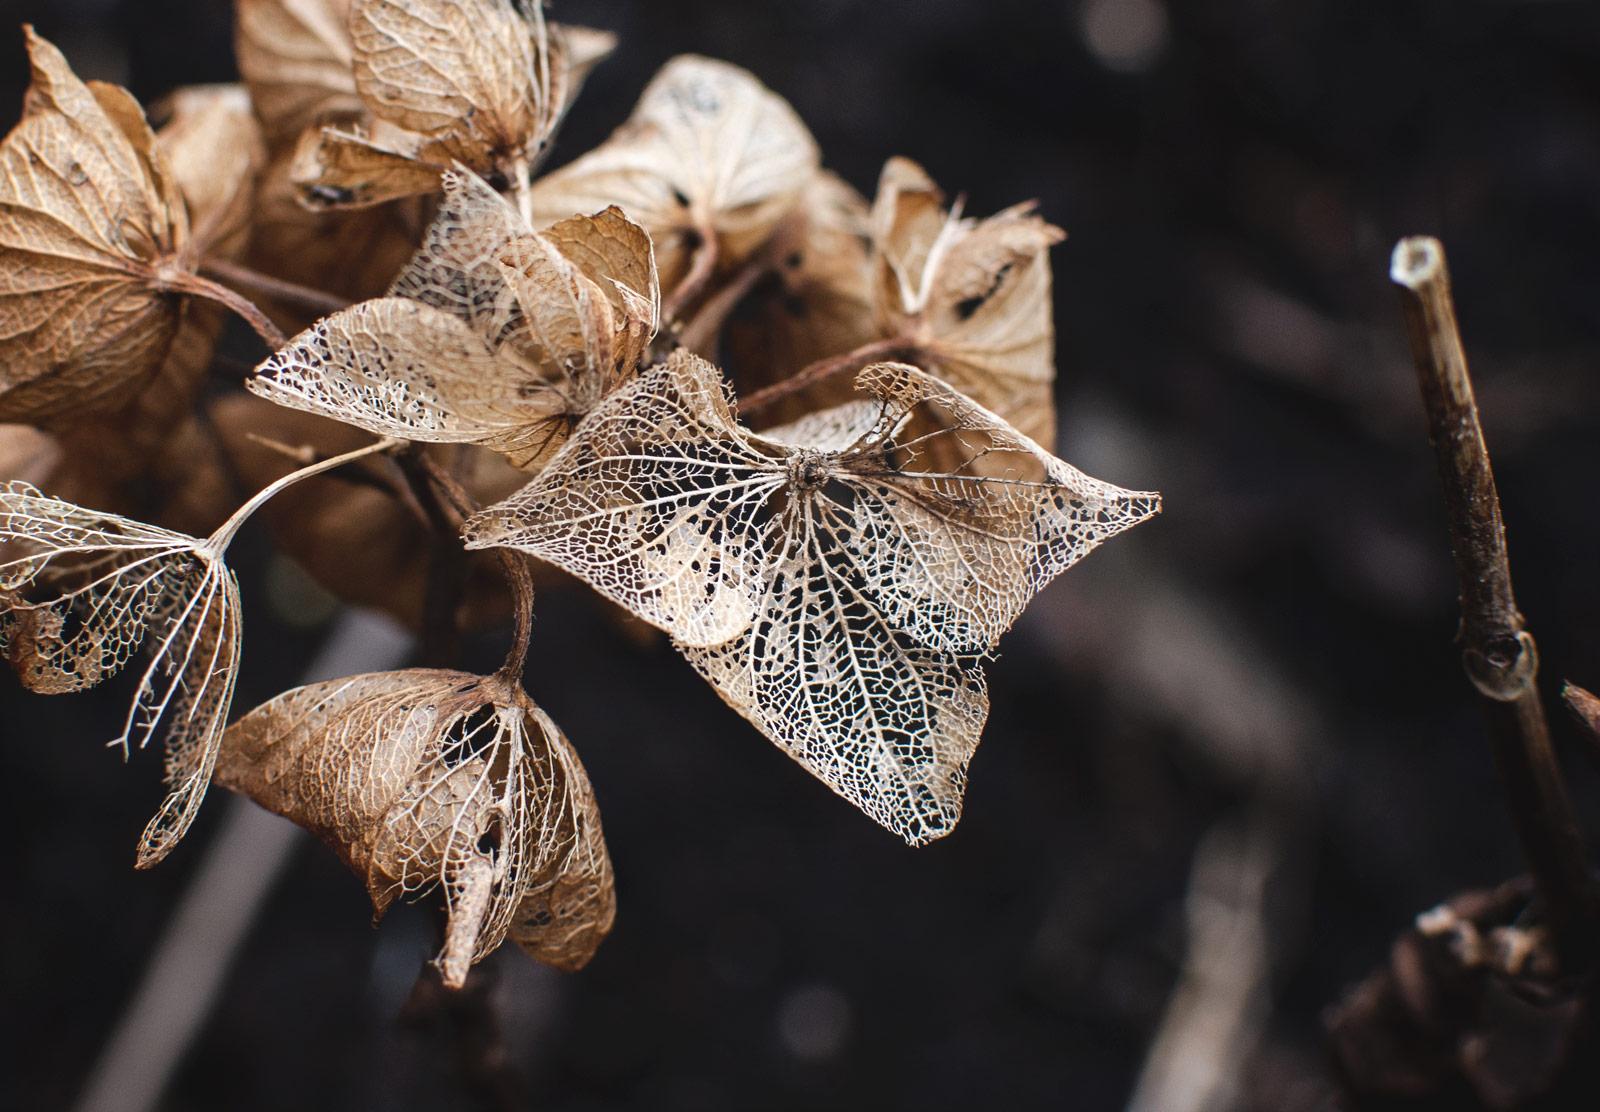 Closeup of decaying petals